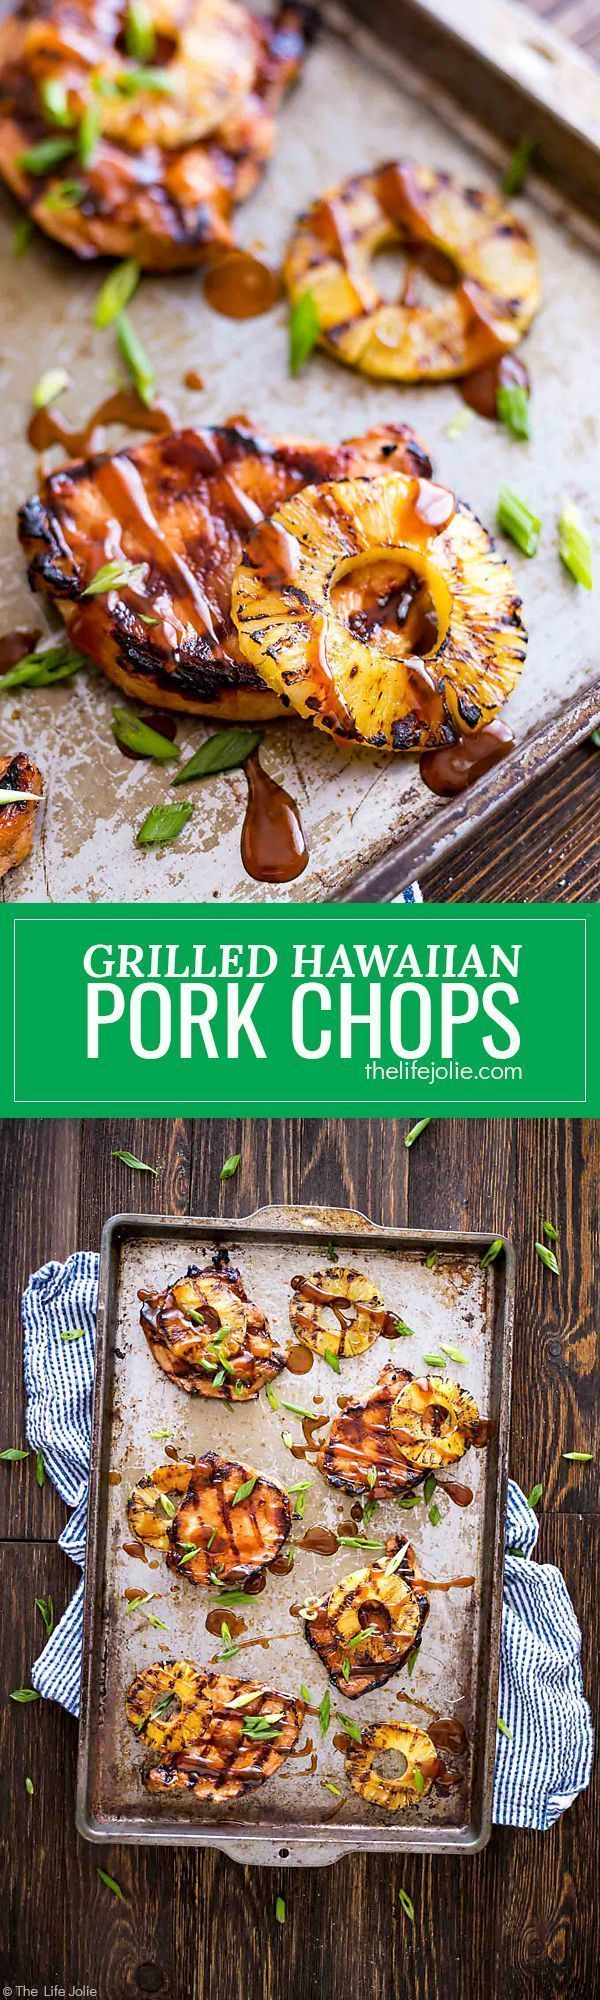 Grilled Hawaiian Pork Chops